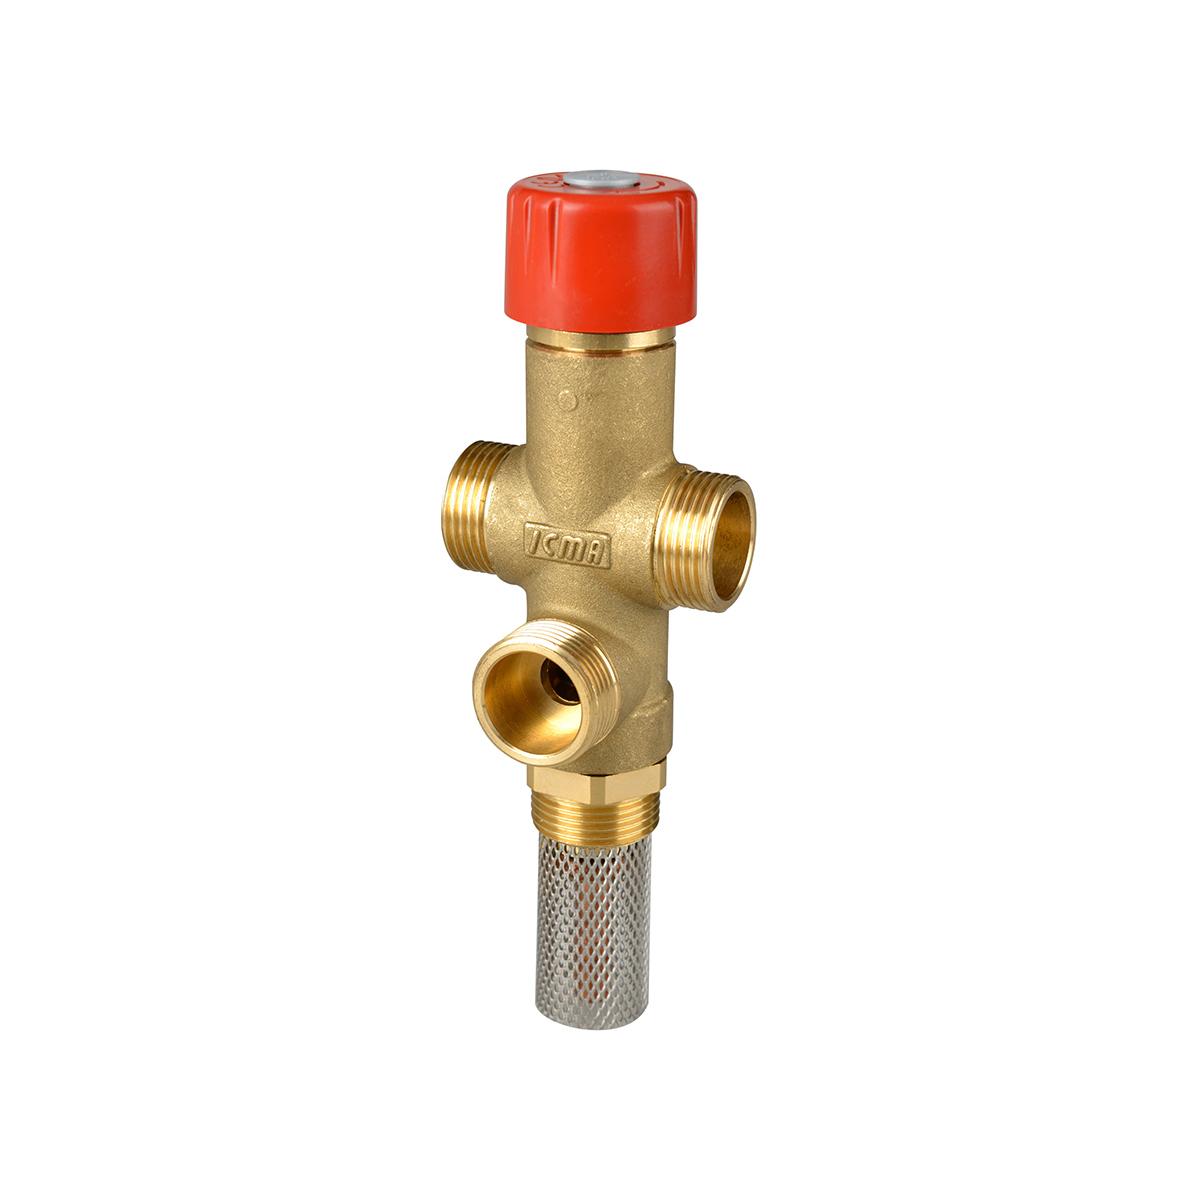 Valvola di scarico termico per prevenire il surriscaldamento di caldaie